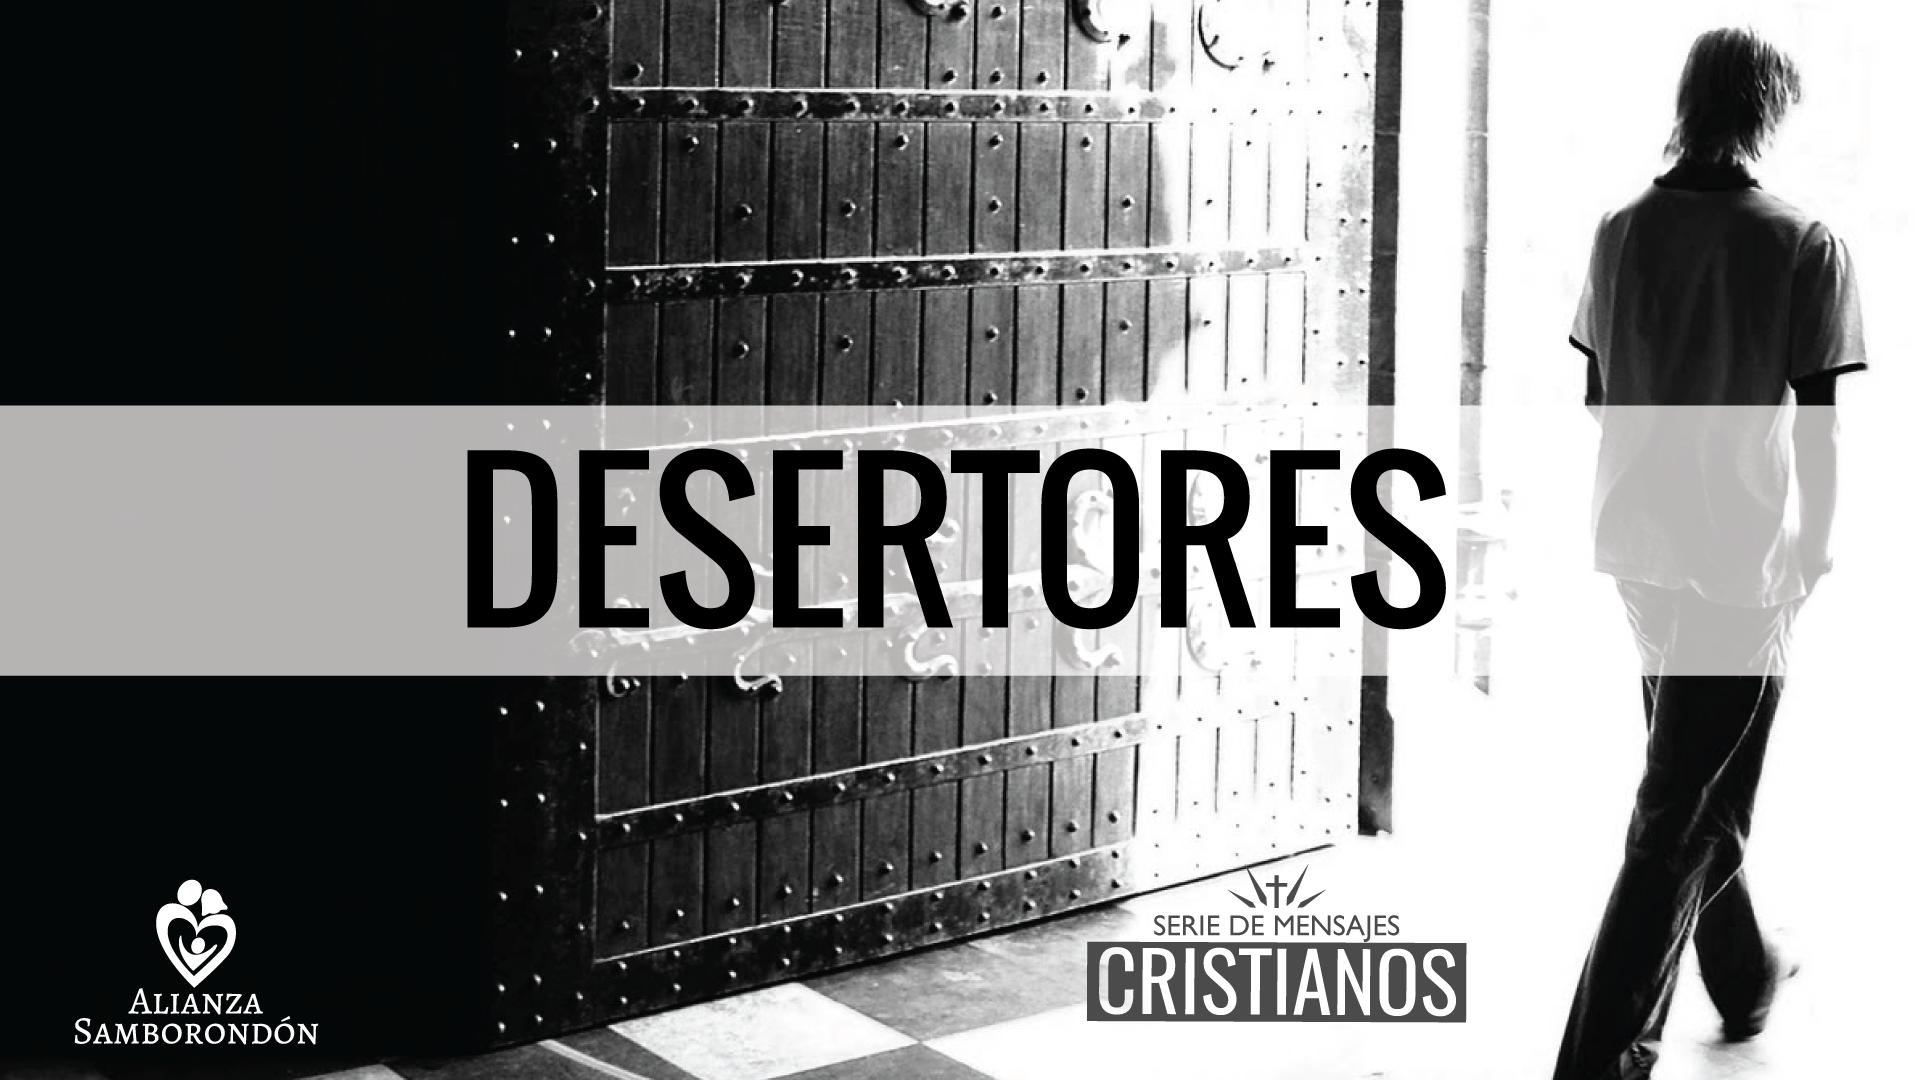 Desertores